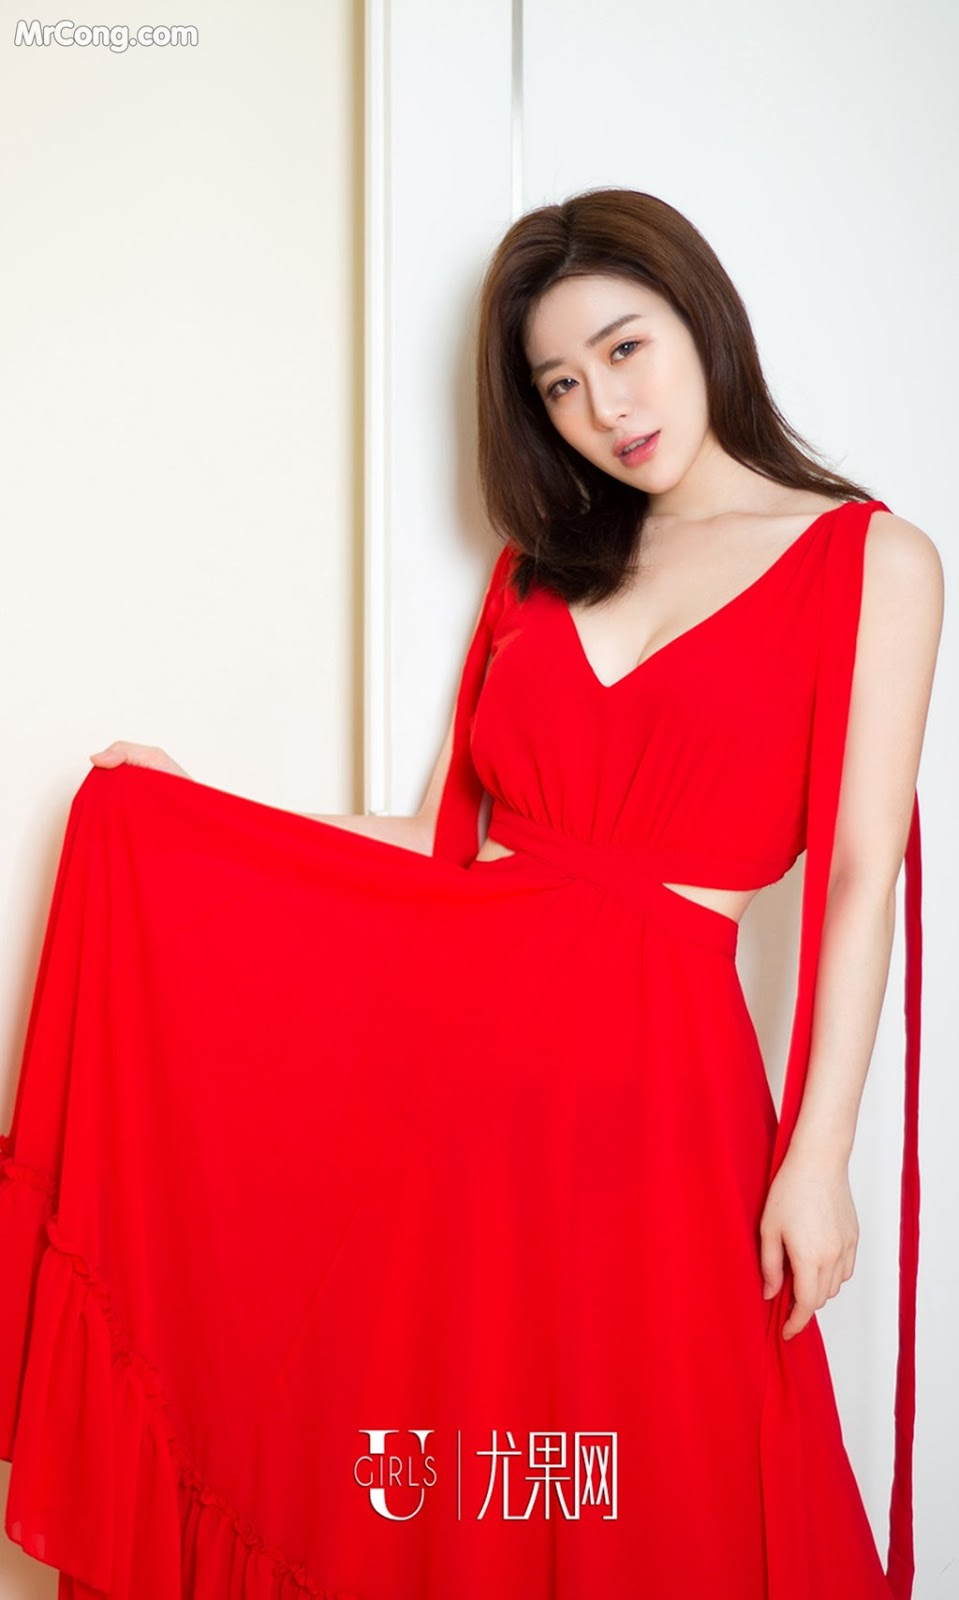 Image UGIRLS-Ai-You-Wu-App-No.999-Tian-Xin-MrCong.com-001 in post UGIRLS – Ai You Wu App No.999: Người mẫu Tian Xin (甜馨) (40 ảnh)